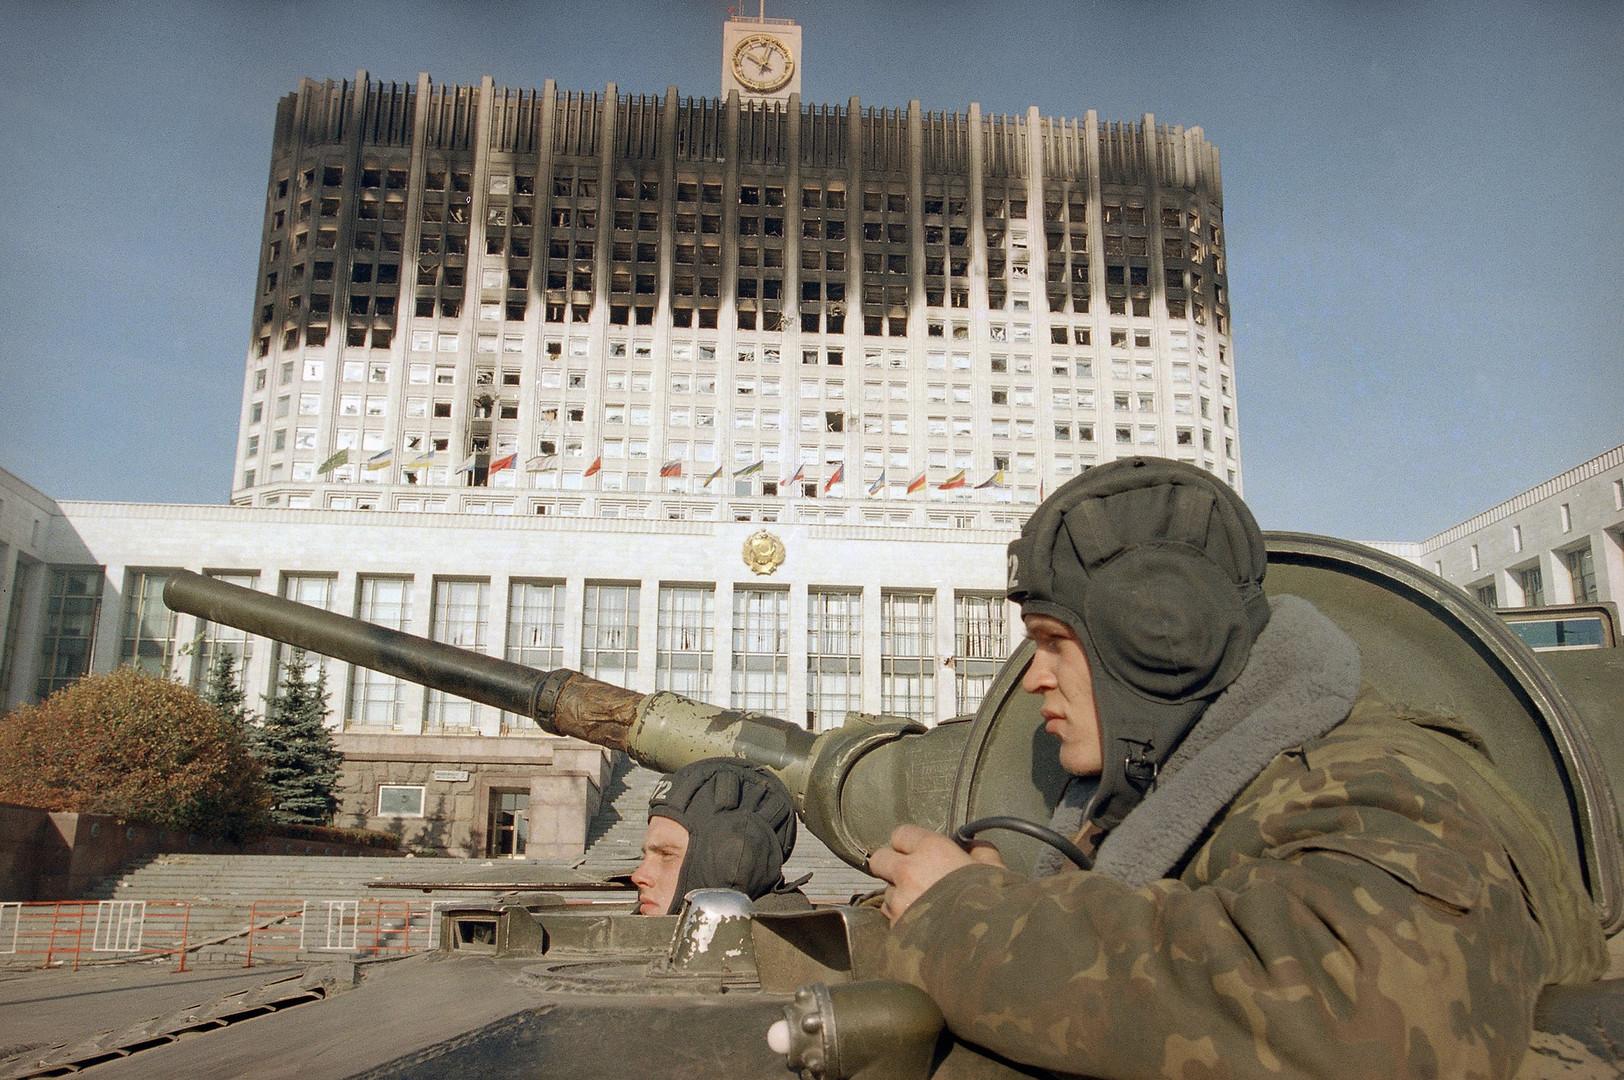 Ruski vojnici u tenku ispred zgrade ruskog parlamenta u Moskvi. 6 listopada 1993.